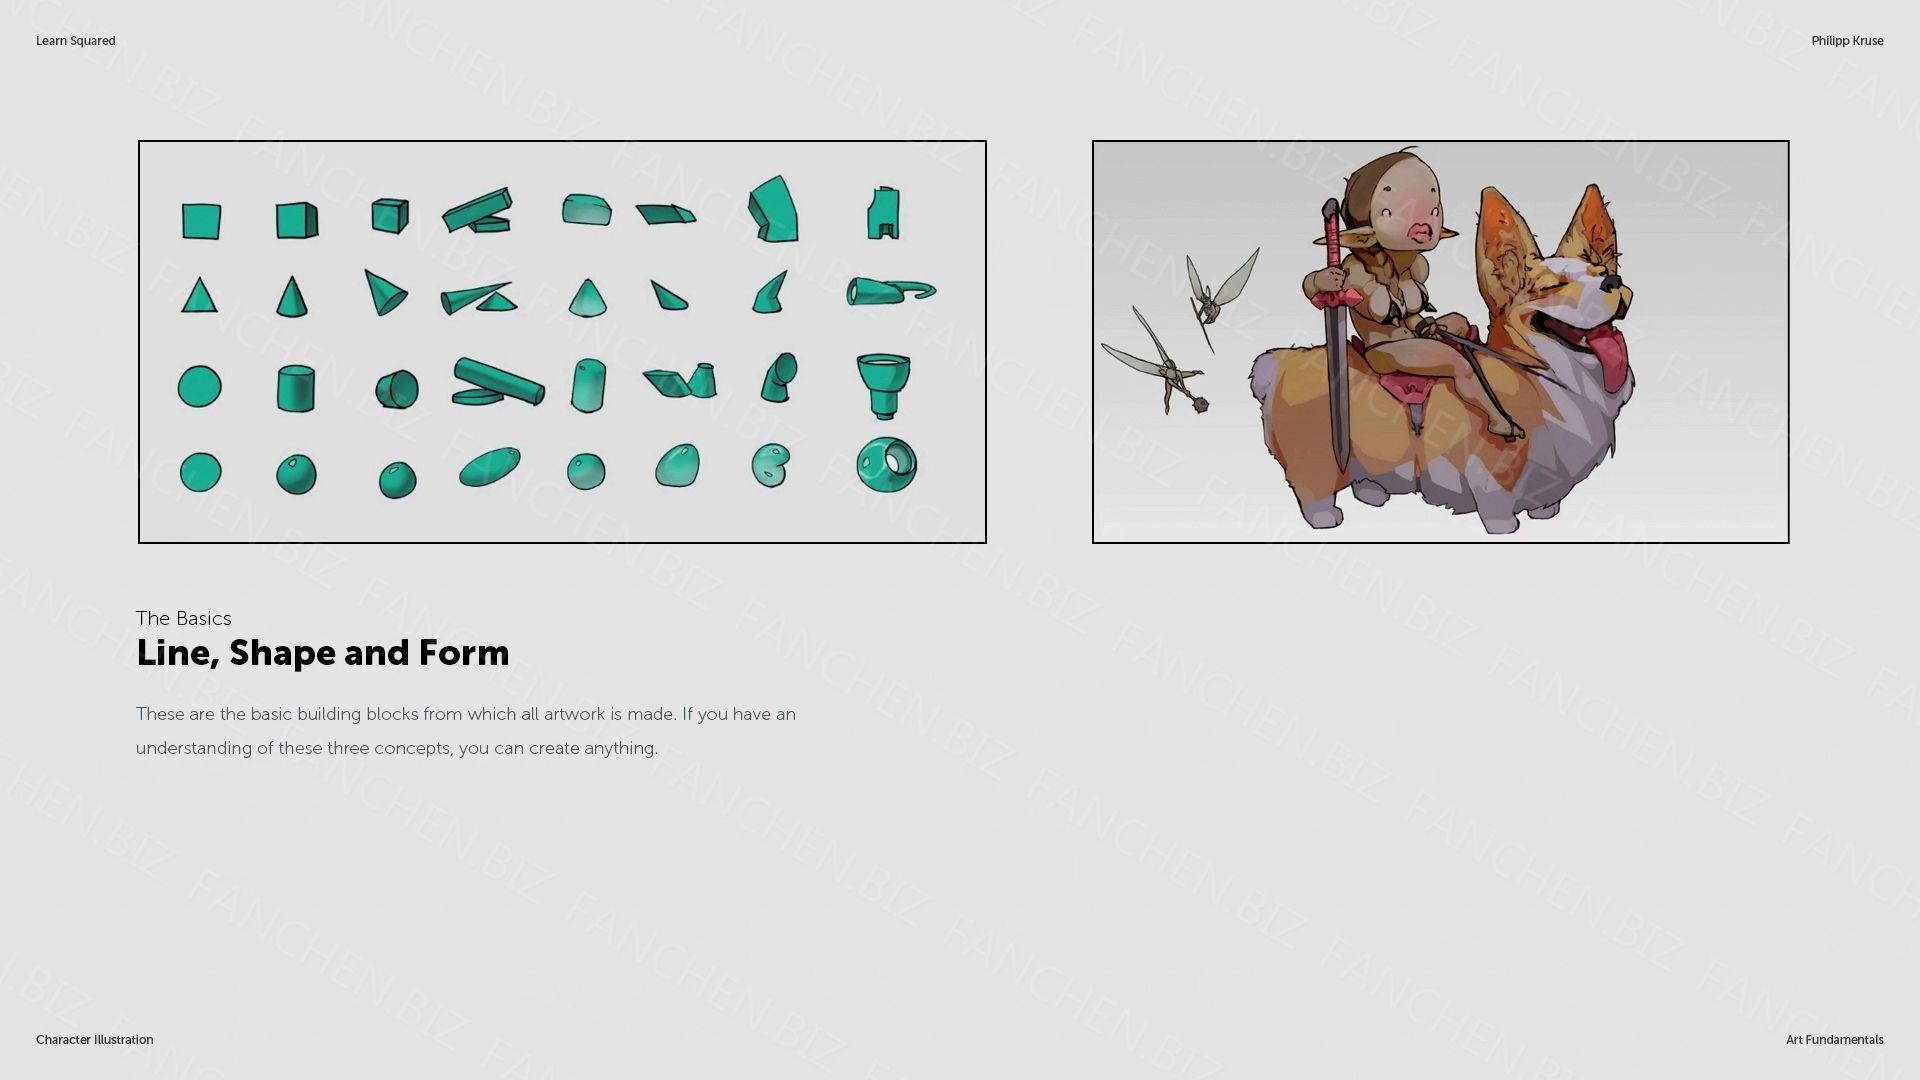 国外大师Philipp Kruse概念艺术CG绘画视频教程 8.60GB-FANCHENBIZ